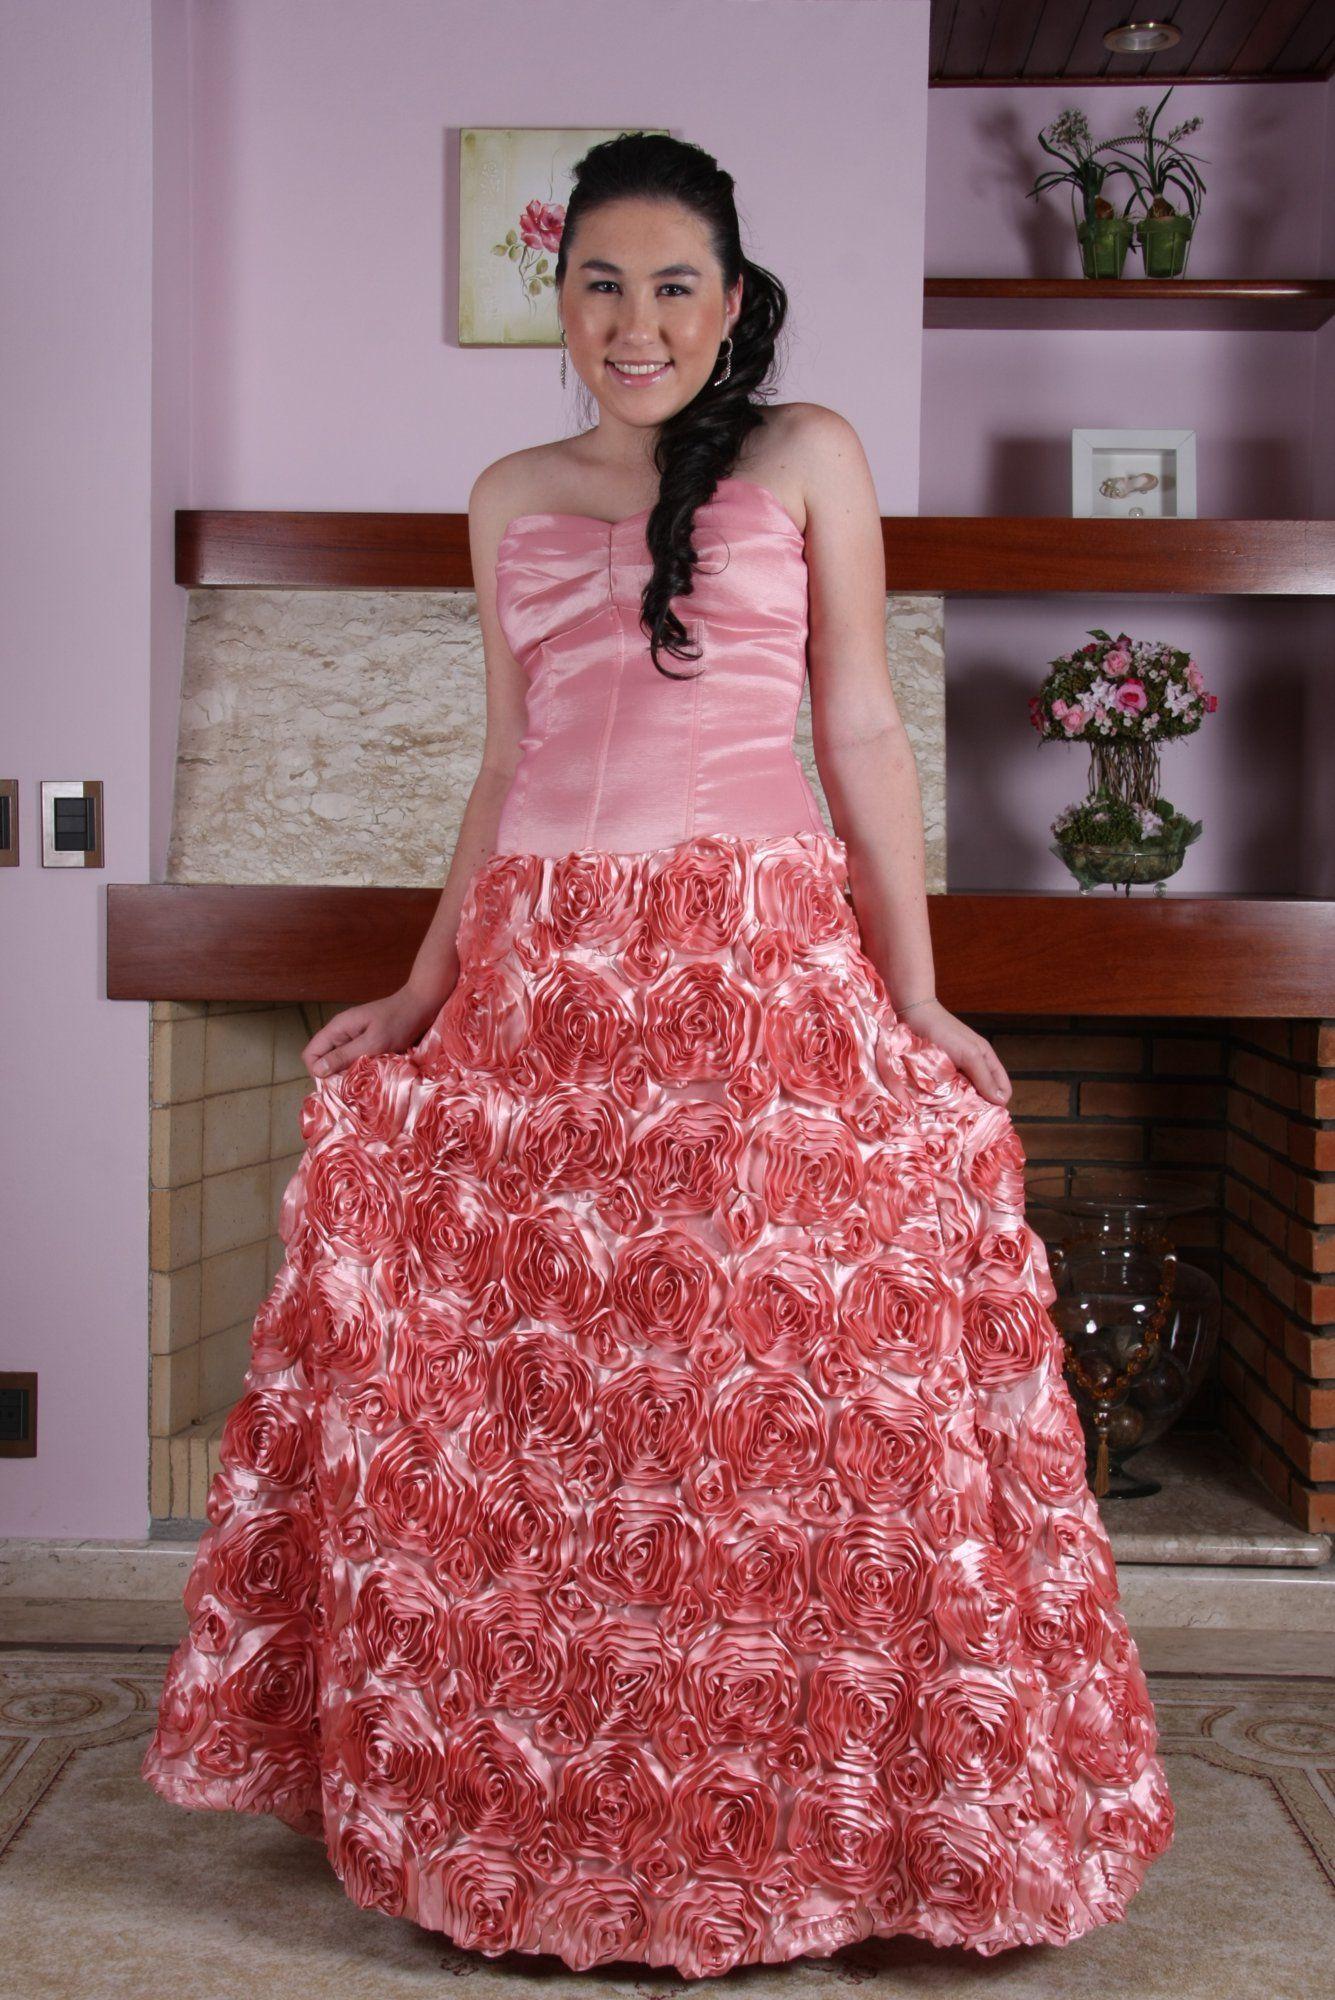 Vestido de Debutante Rosa - 19 - Hipnose Alta Costura e Spa para Noivas e Noivos - Campinas - SP Vestido de Debutante, Vestido de Debutante Rosa, Hipnose Alta Costura